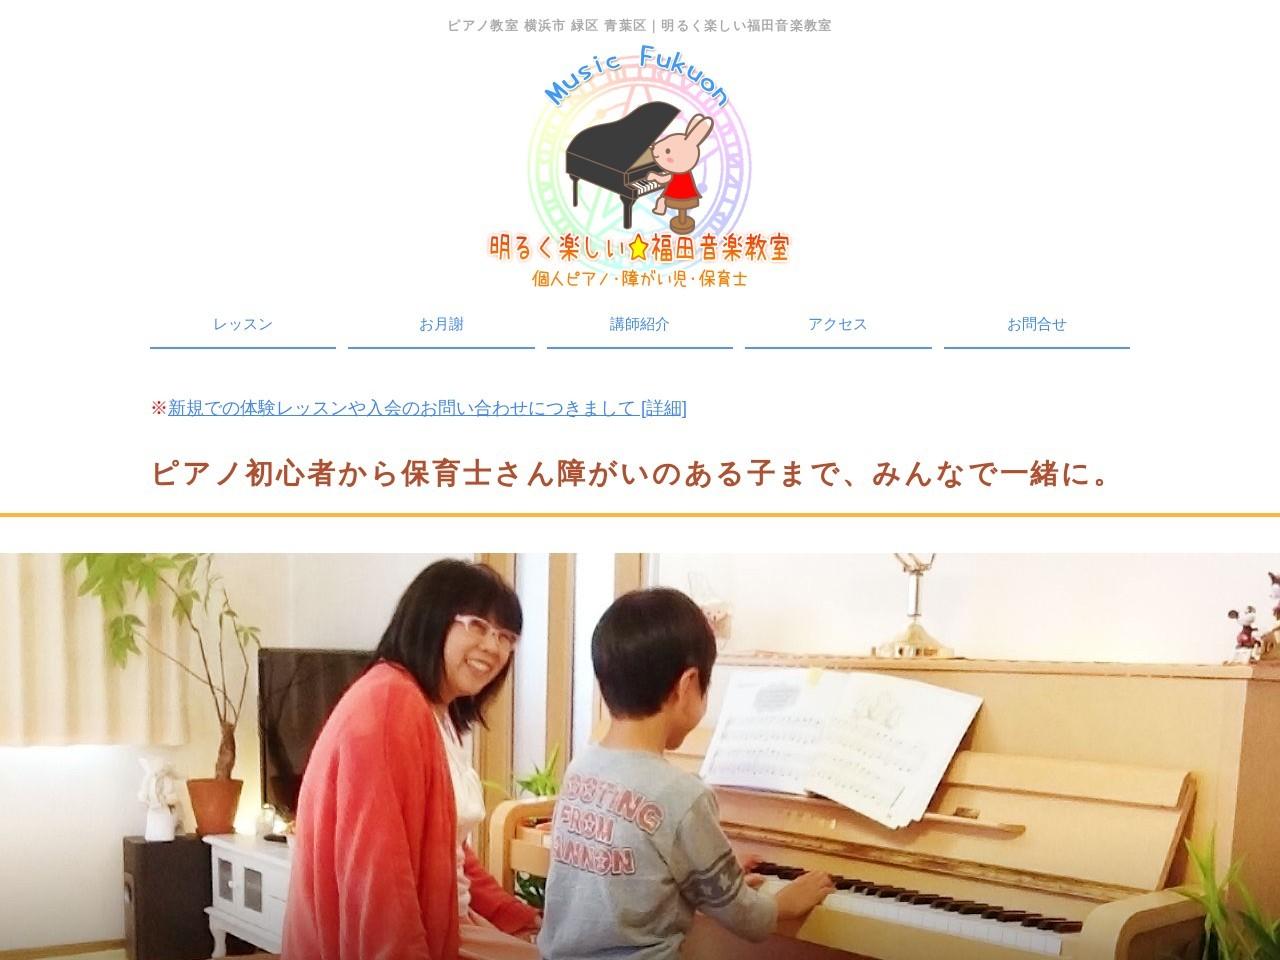 福田音楽教室のサムネイル